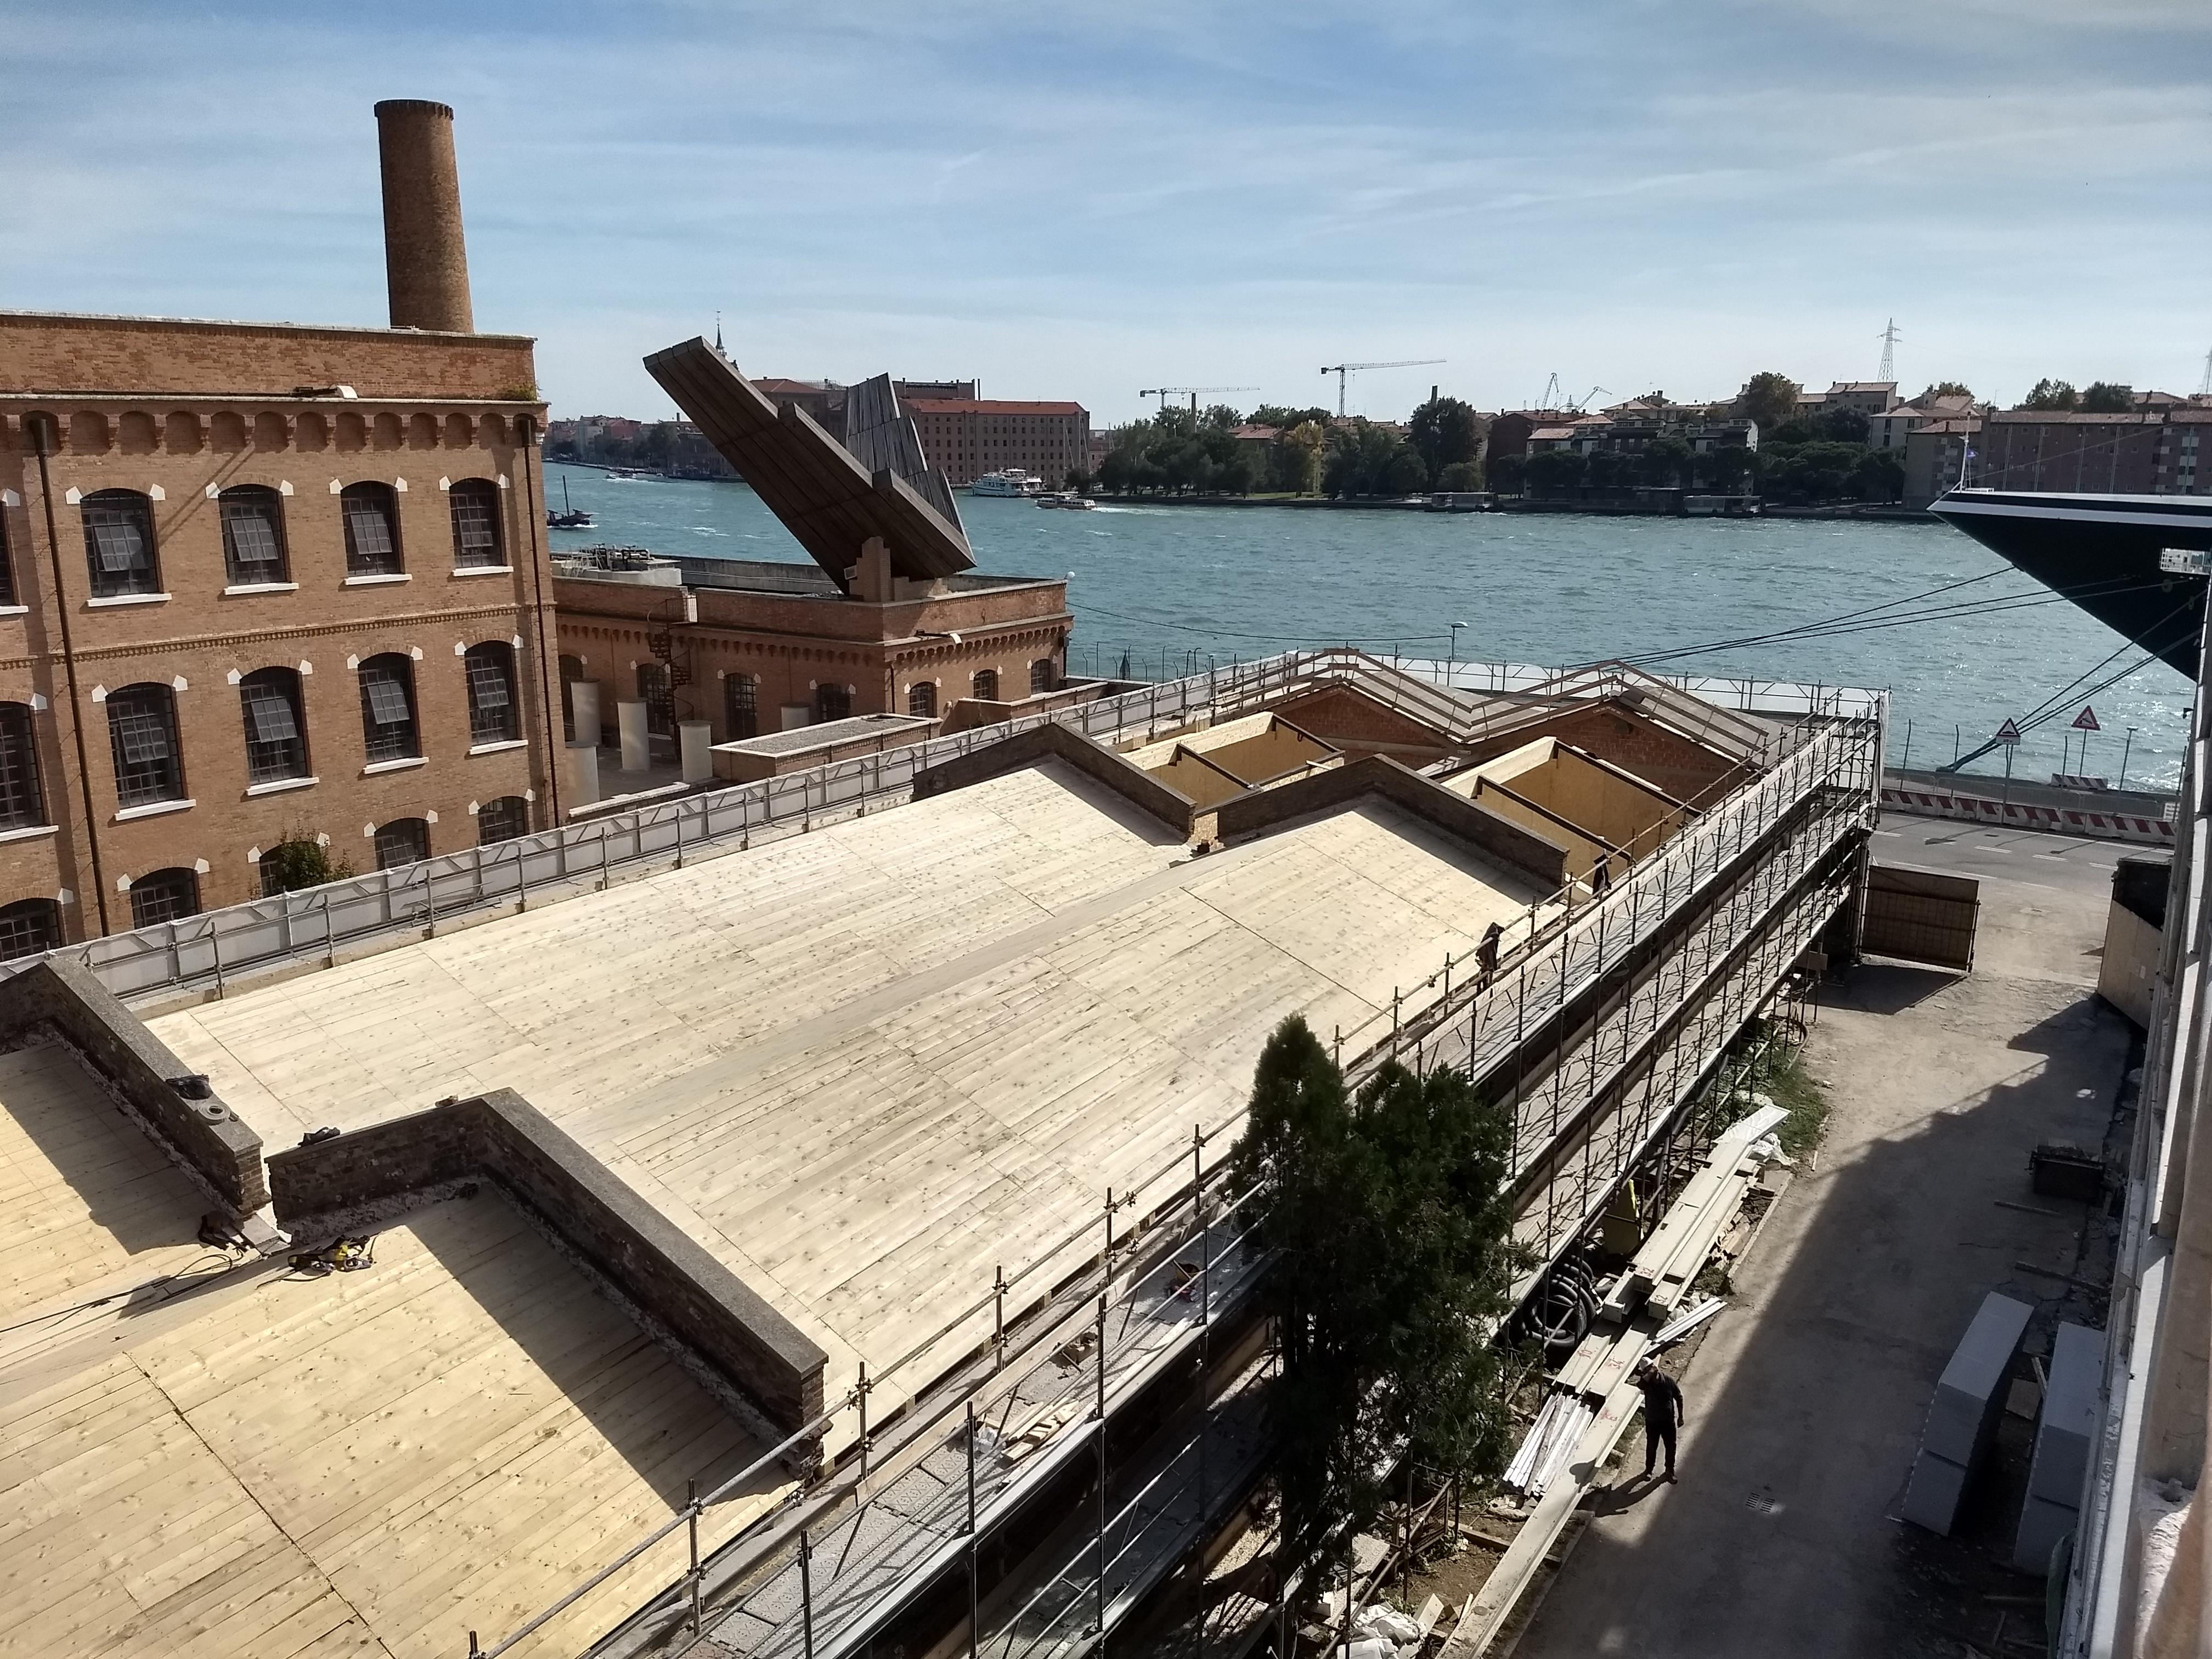 Residencia de estudiantes de la Universidad Ca' Foscari de Venecia